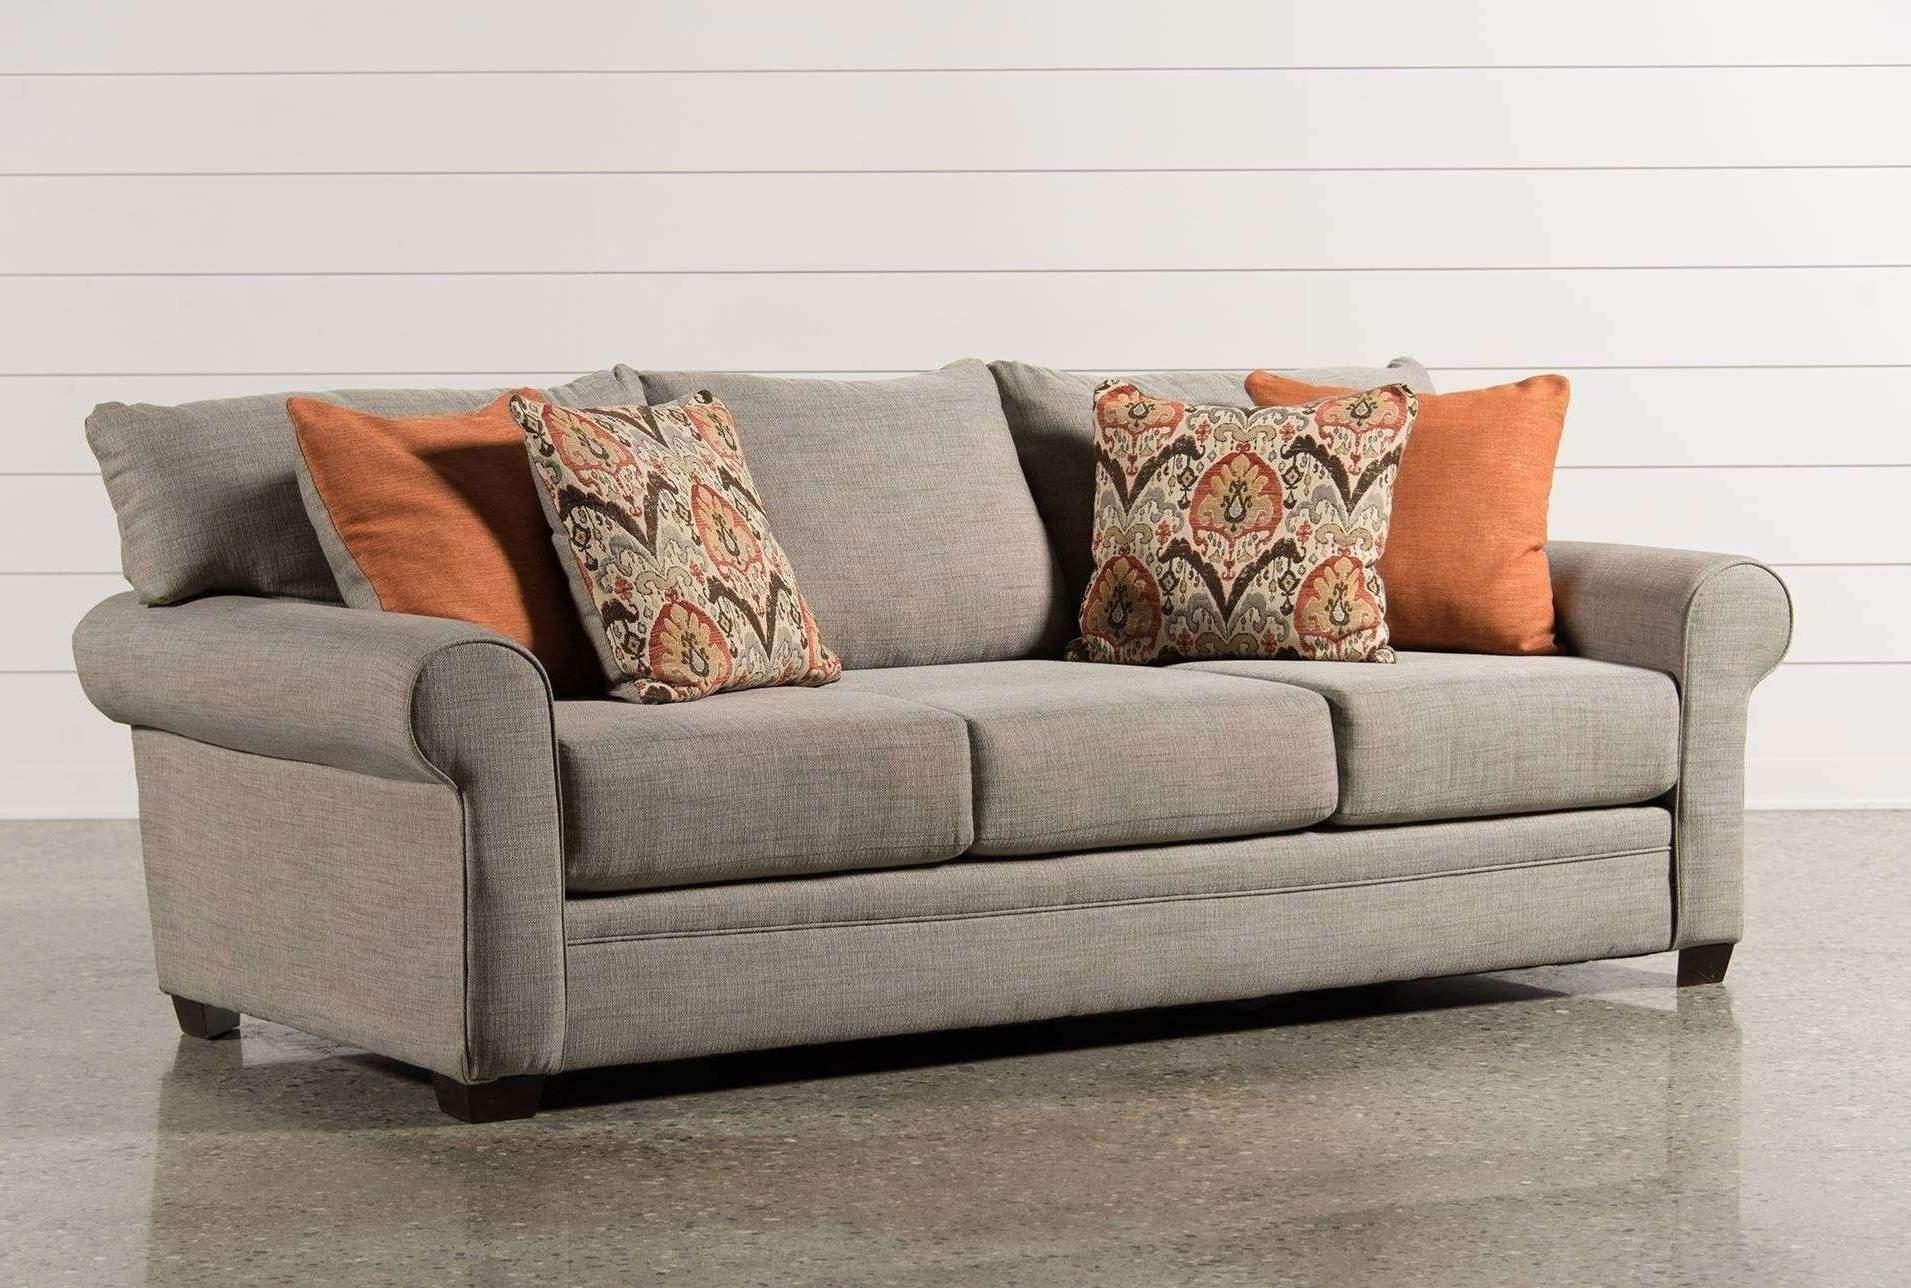 58 einzigartig von 2 sitzer sofa ideen c3hwegpz of sessel zum ausziehen